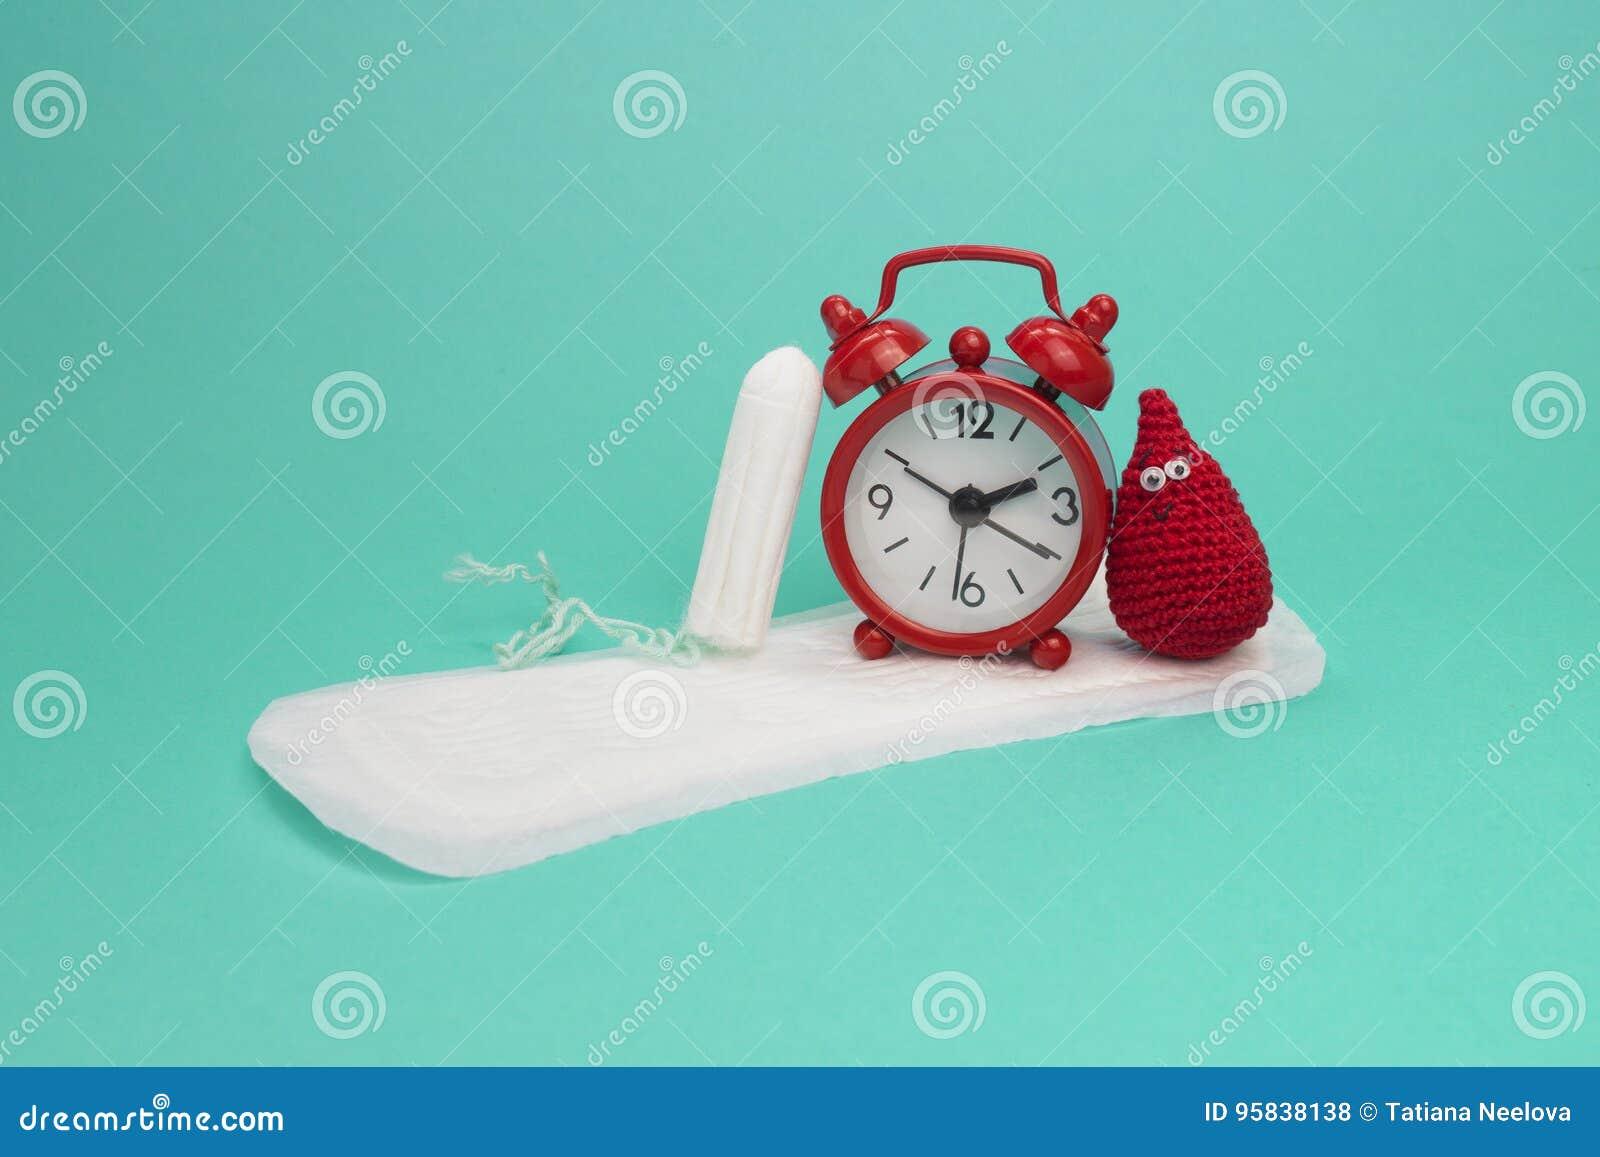 红色闹钟、微笑钩针编织血液下落、每日月经垫和棉塞 月经有益健康的妇女卫生学 妇女重要天